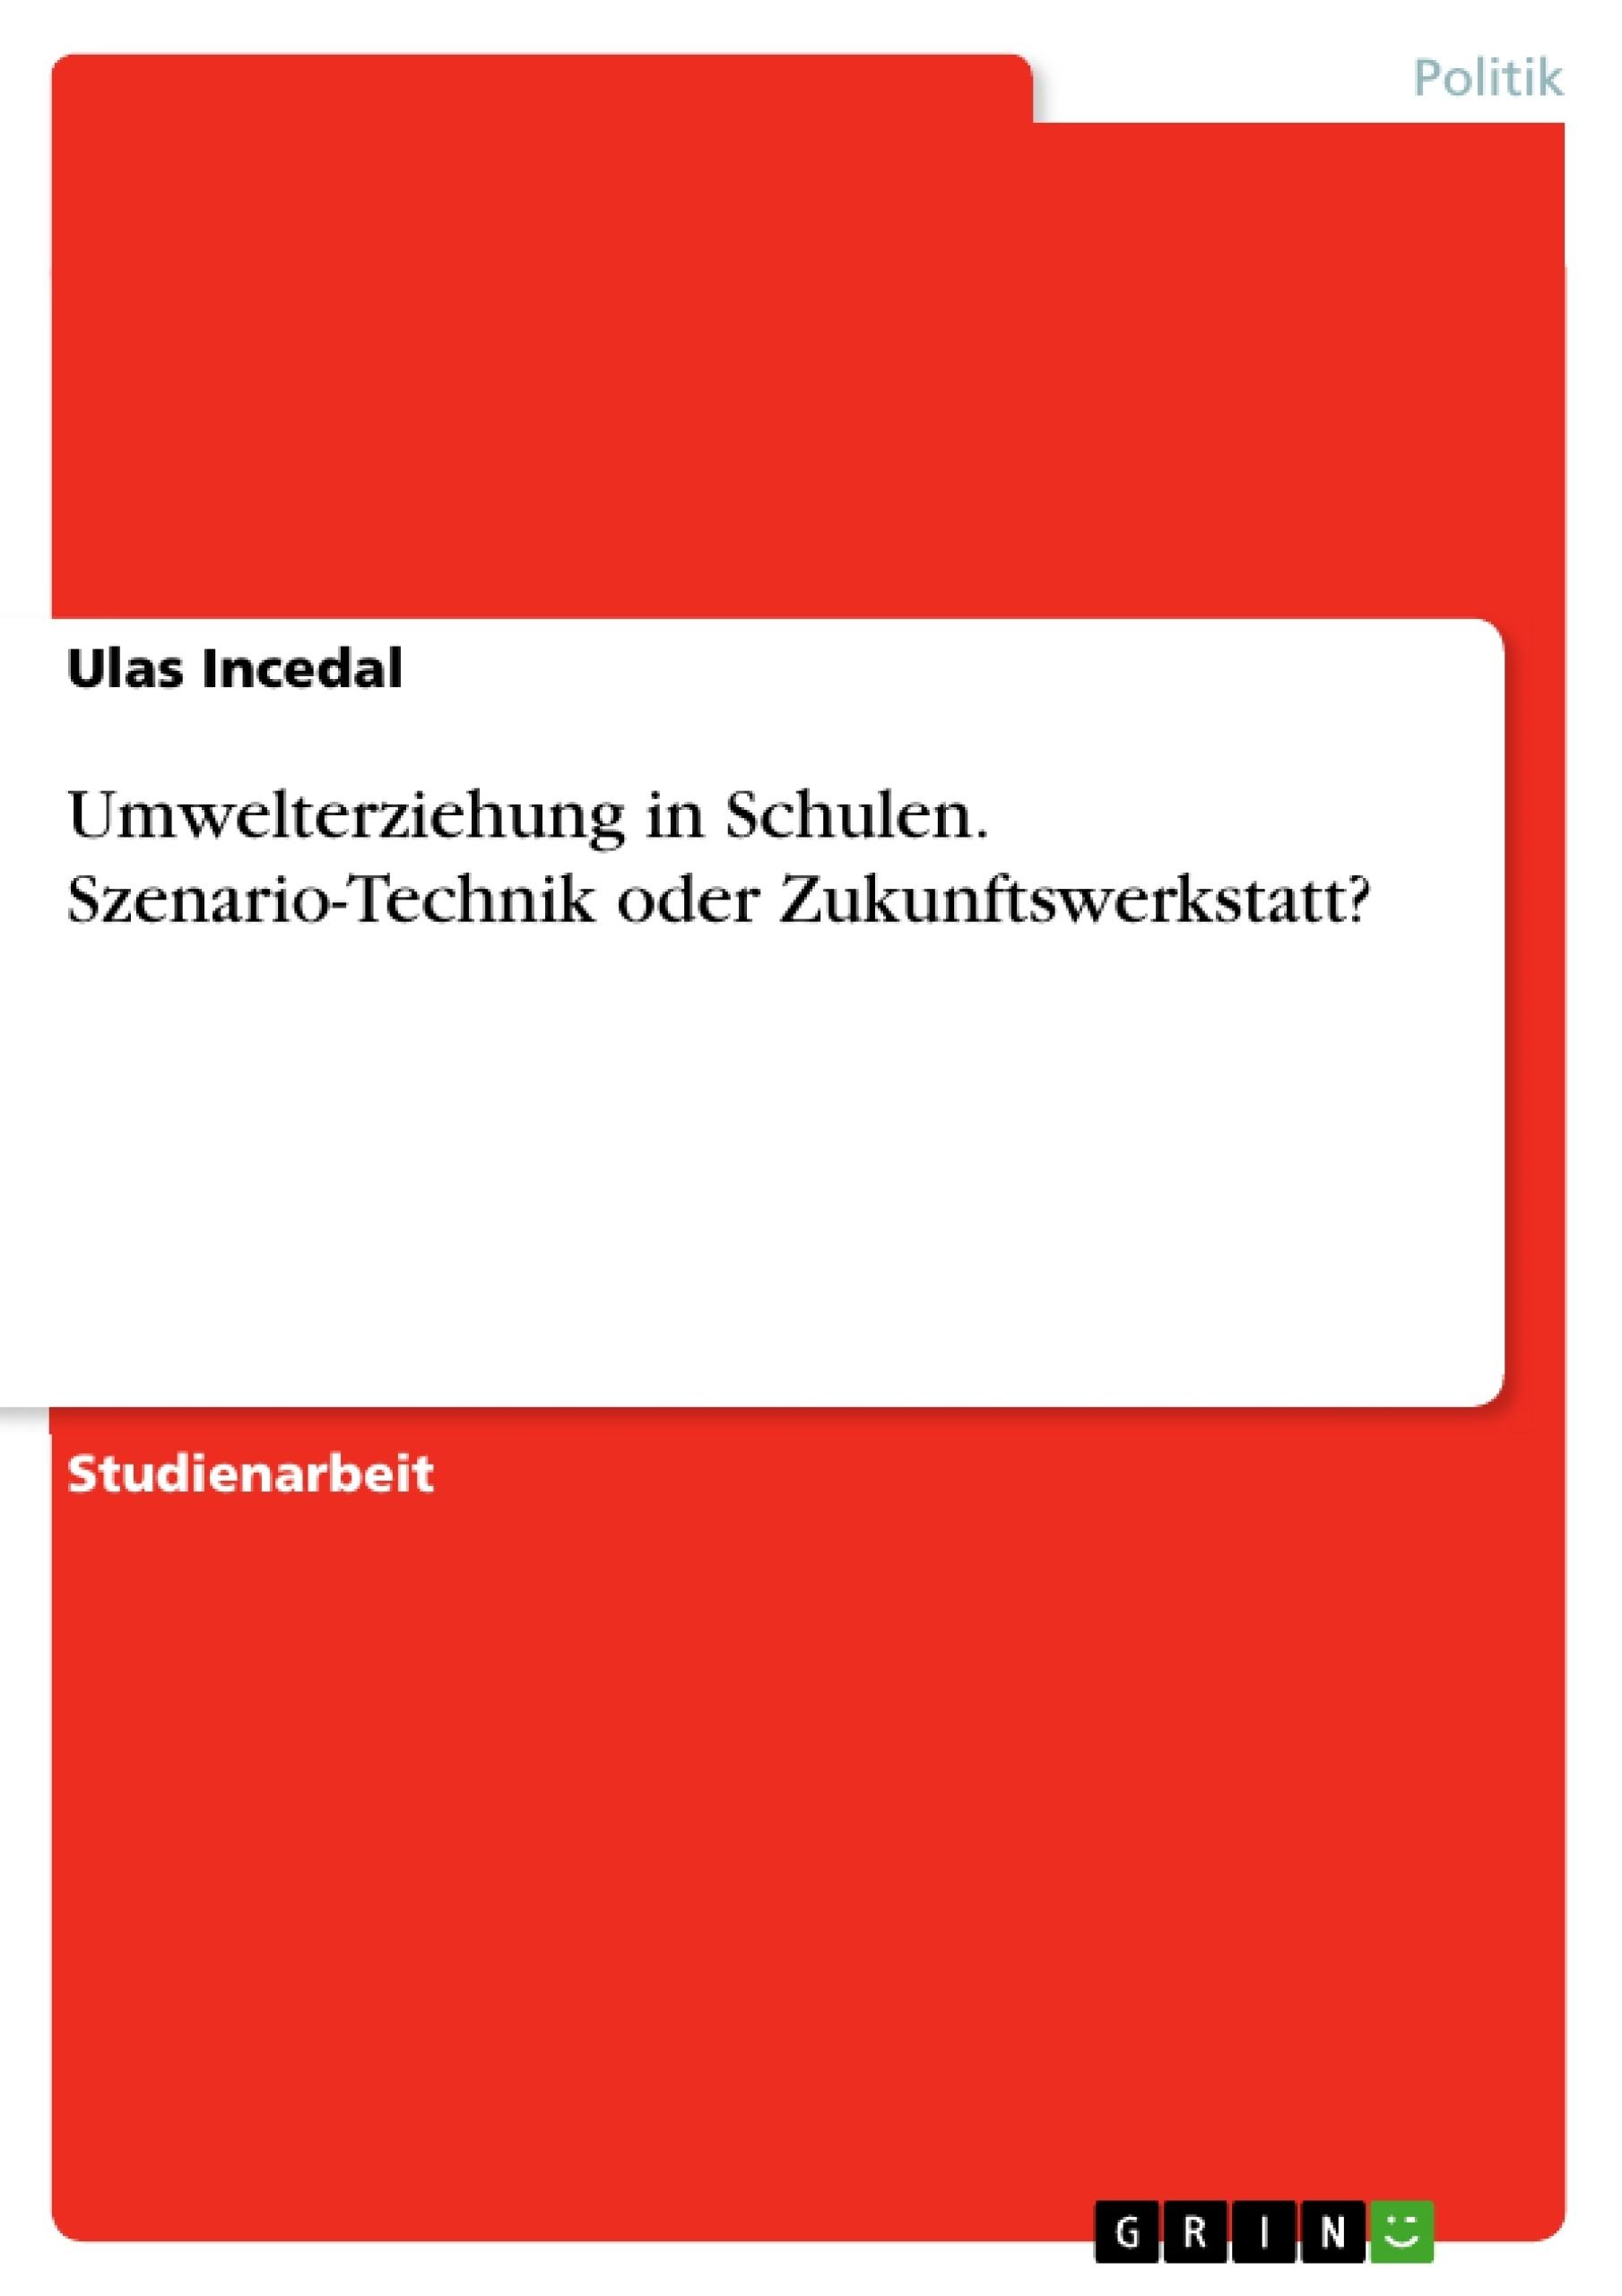 Titel: Umwelterziehung in Schulen. Szenario-Technik oder Zukunftswerkstatt?